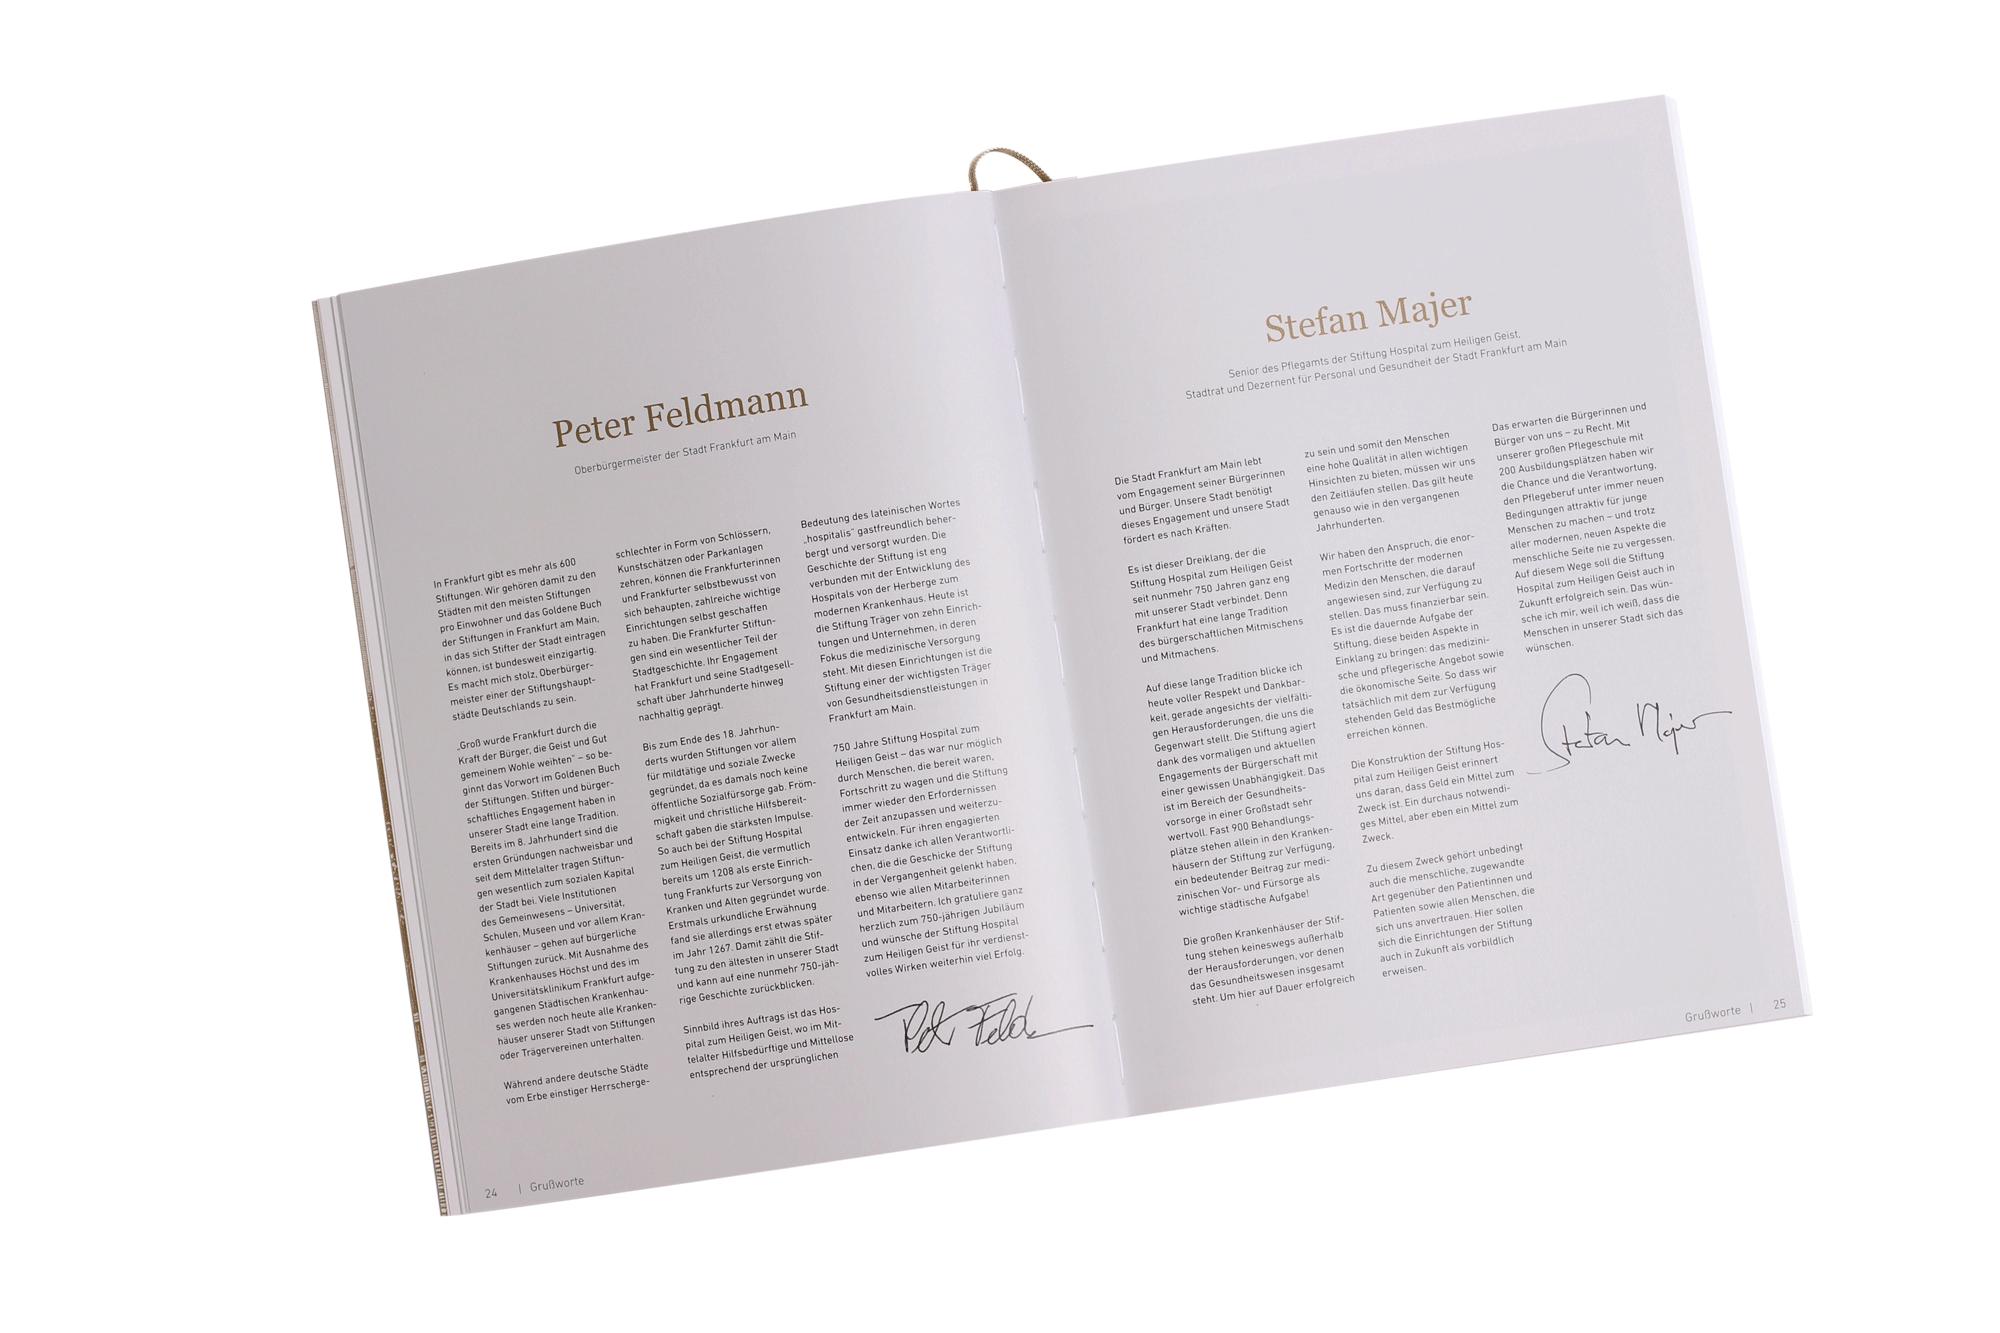 Festschrift 750 Jahre Stiftung Grußworte